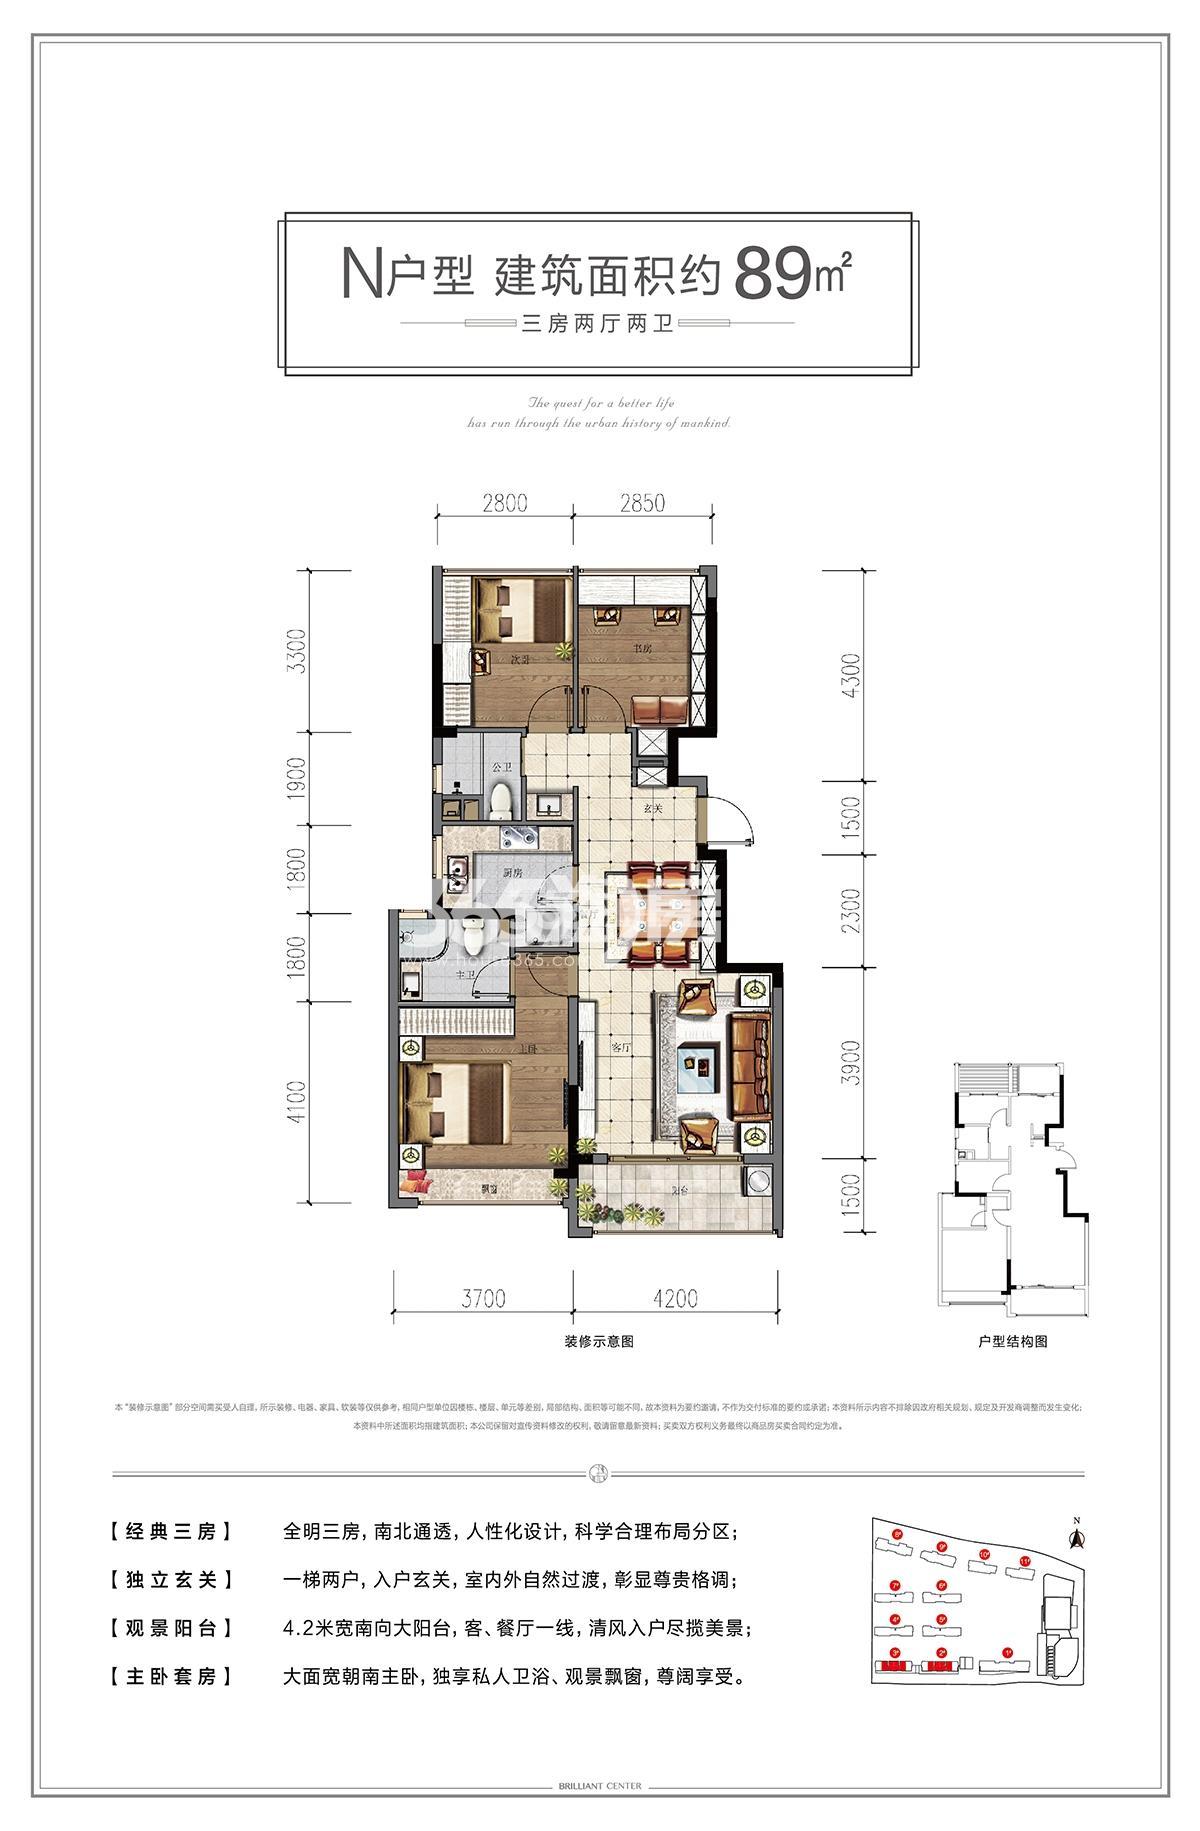 汇高栢悦中心洋房2、3号楼N户型89方户型图